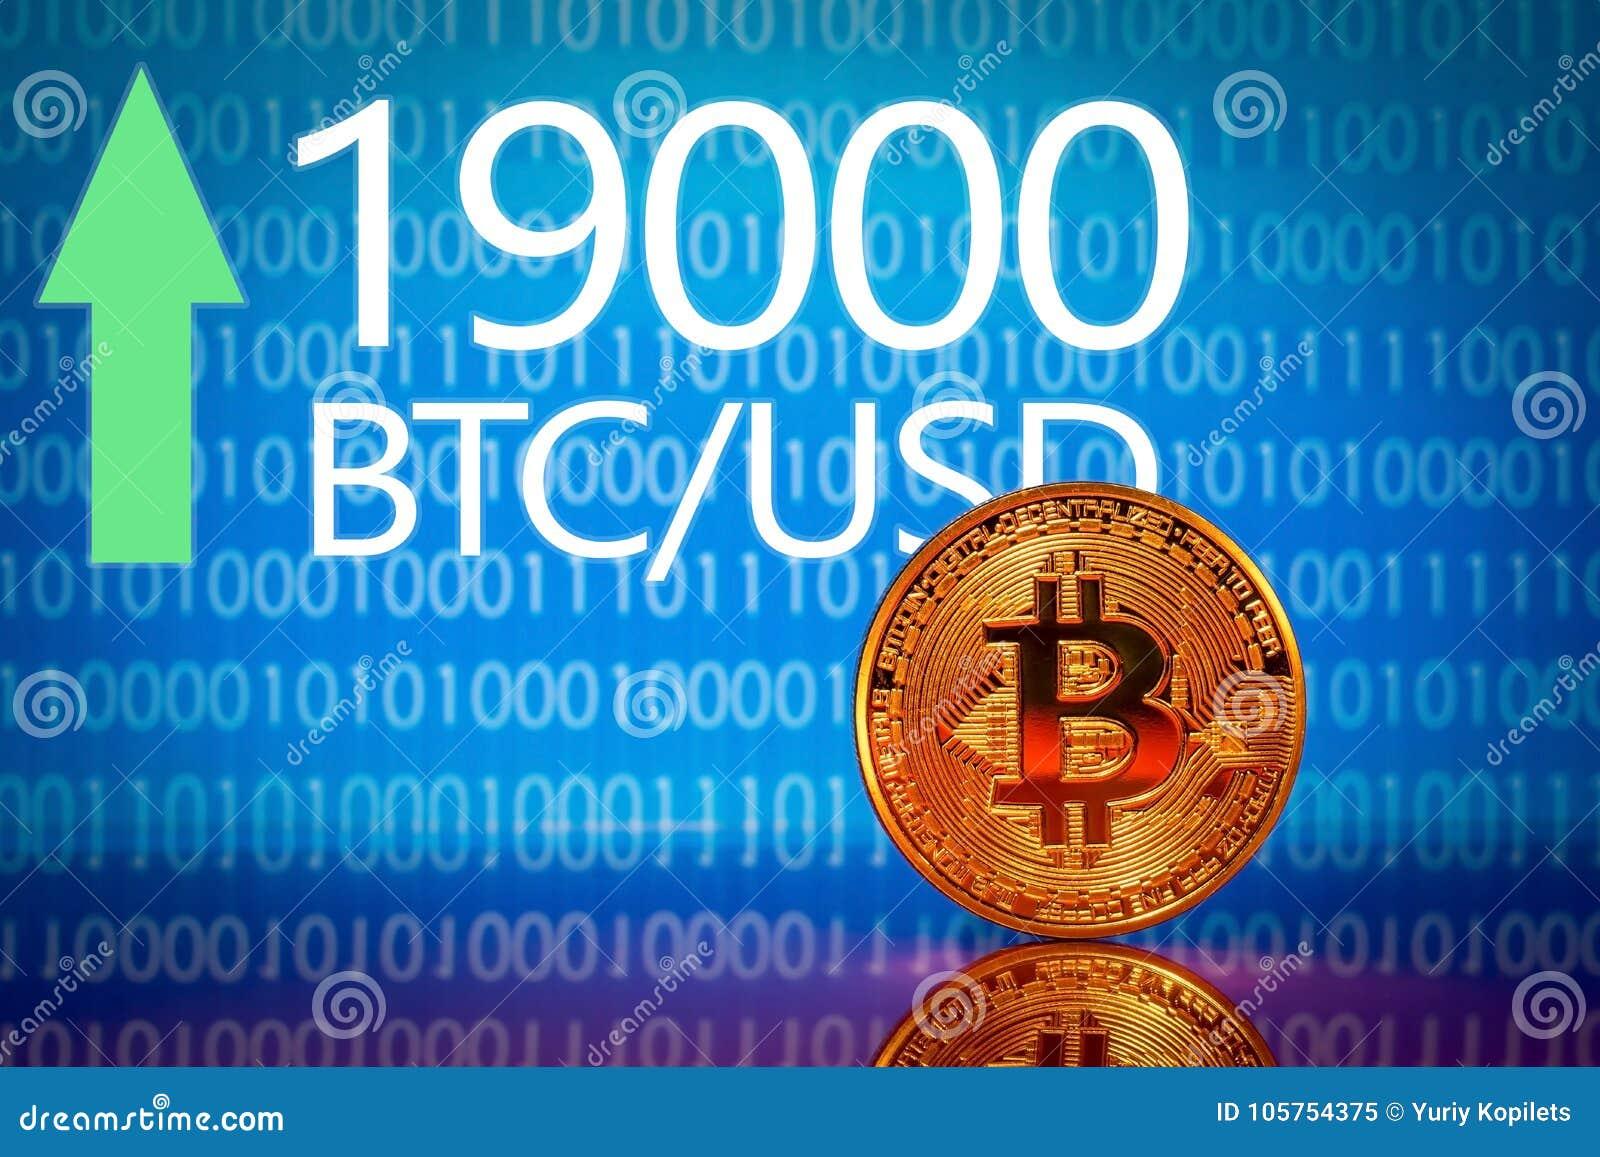 Bitcoin Disque des prix de bitcoin du marché - dix-neuf mille 19000 dollars US